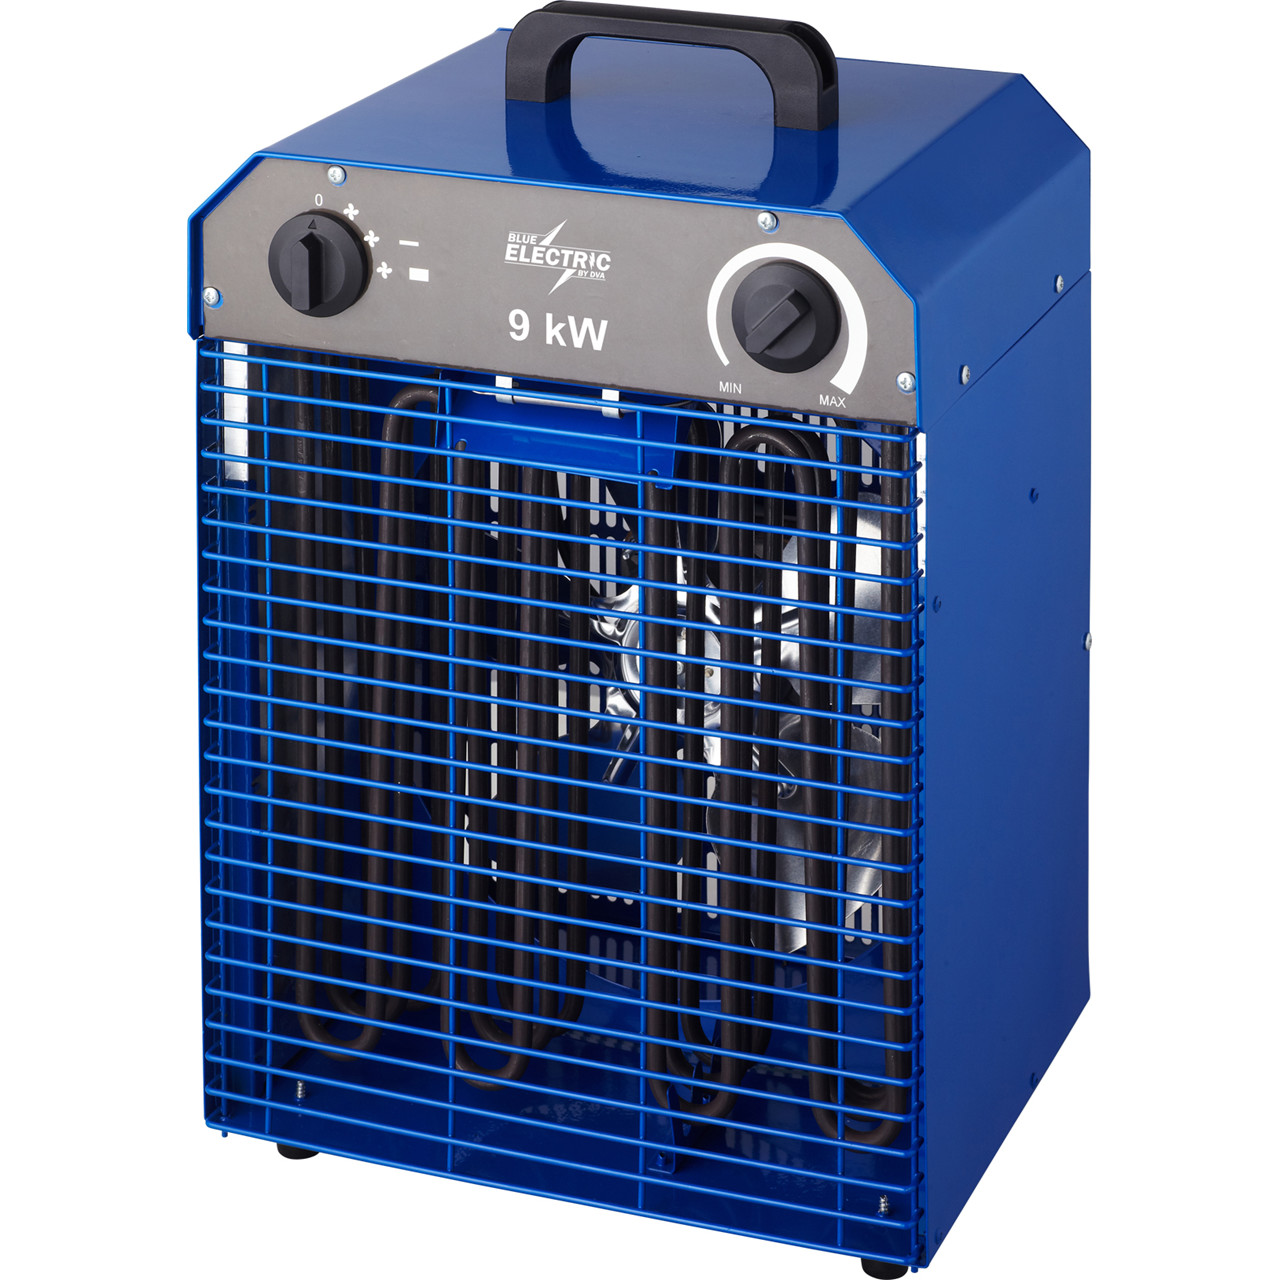 Køb BLUE ELECTRIC varmeblæser 9kW med overophednings sikring 400V